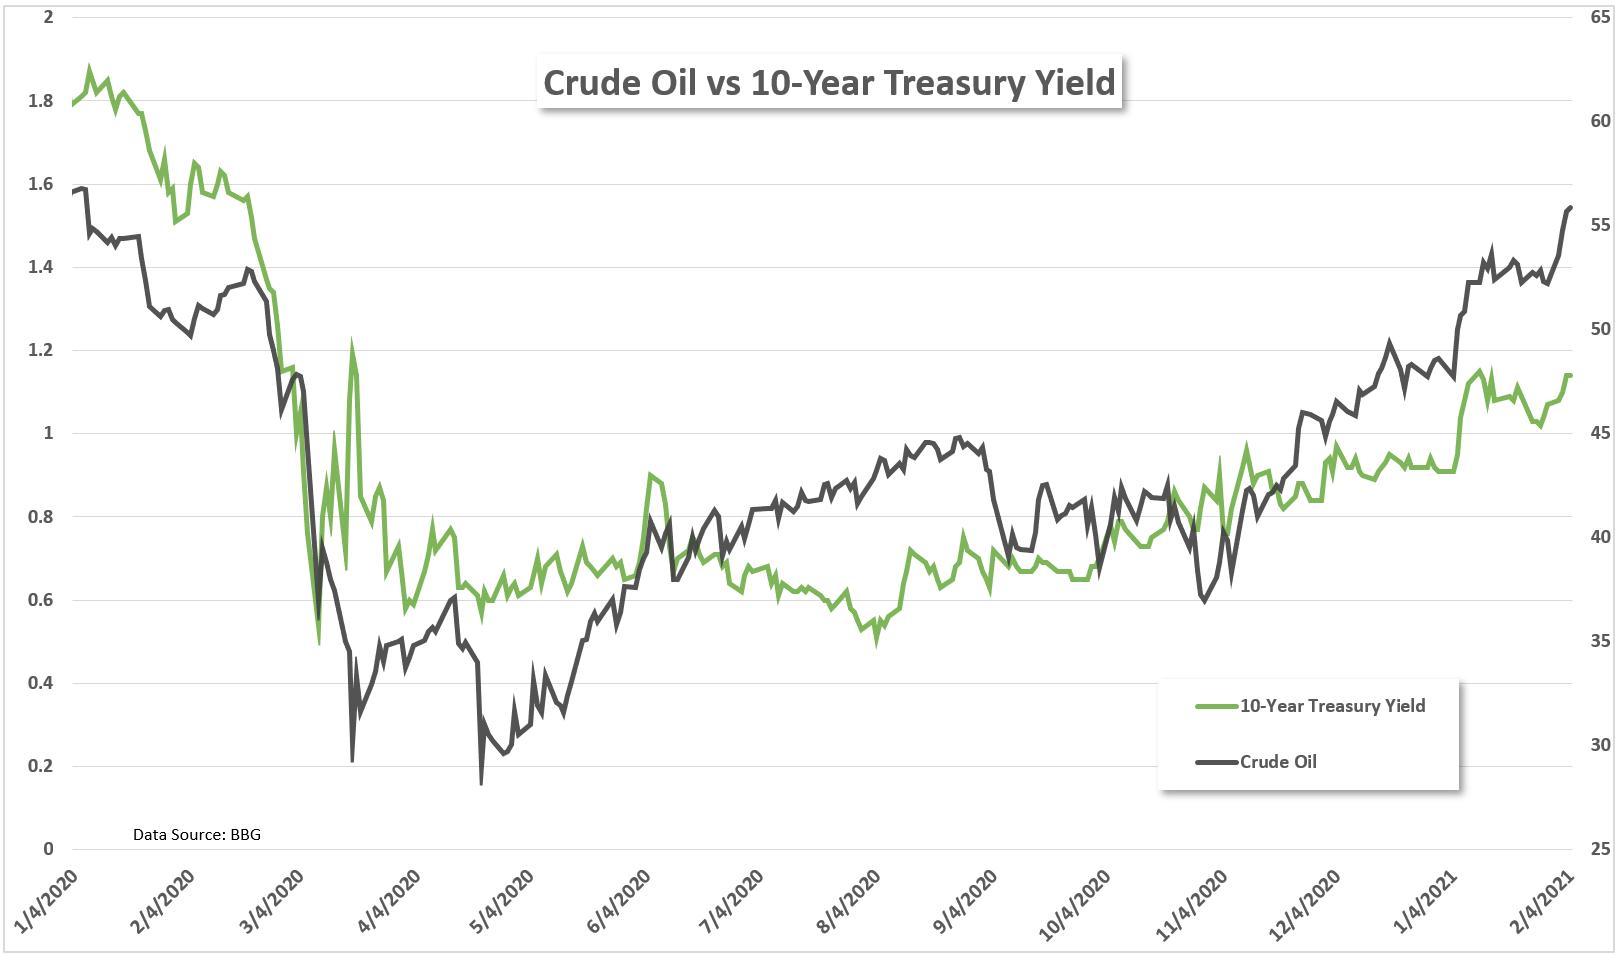 原油價格展望:經濟復甦提振原油前景,原油價格飆升將延續?